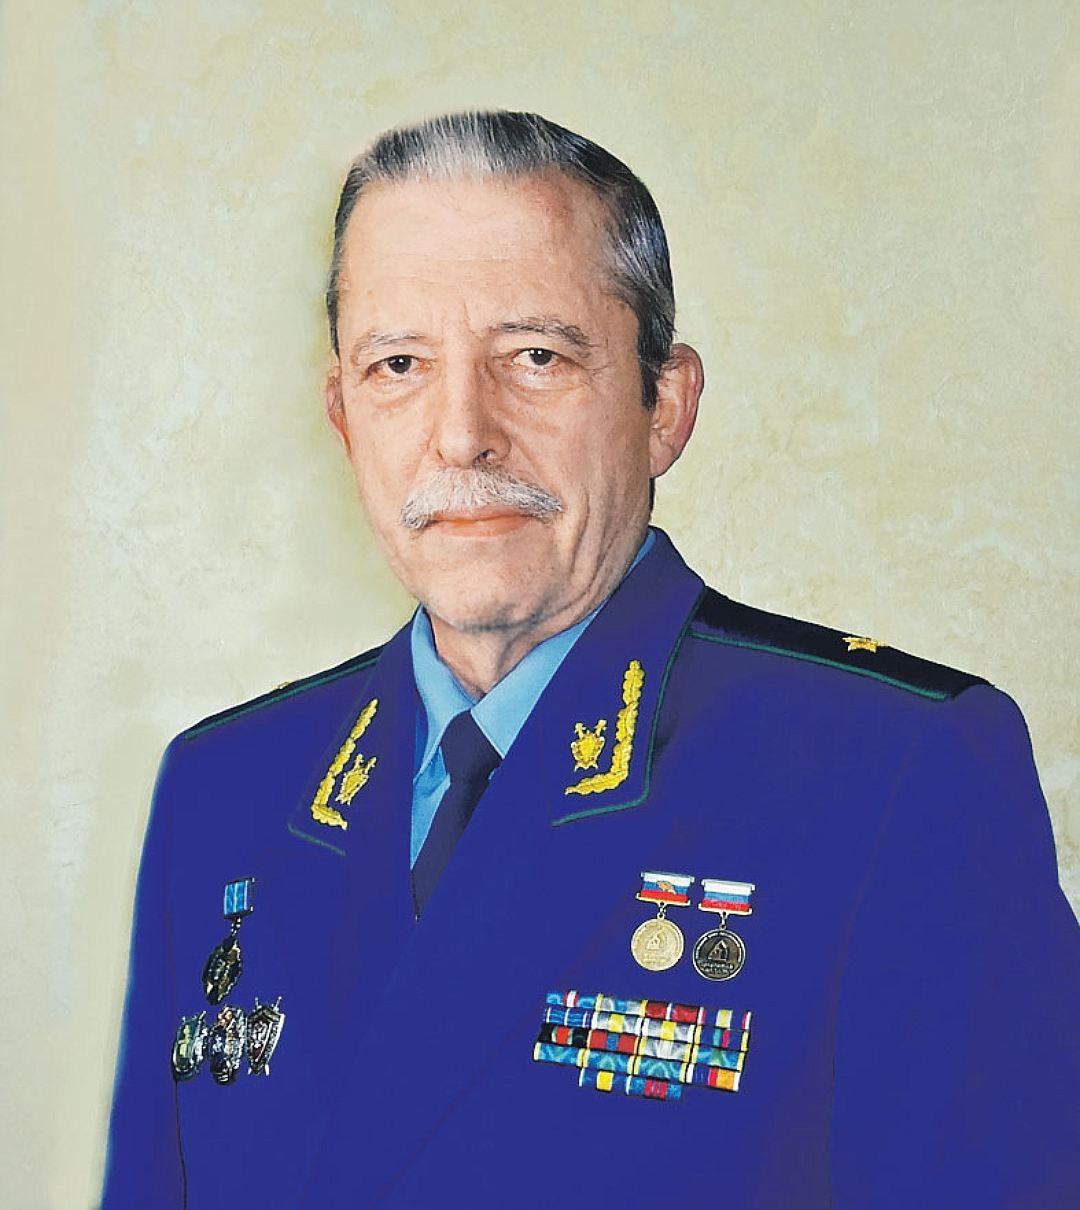 Ветеран органов следствия Сергей Шкрябач:  никаких загадок в деле о гибели группы Дятлова нет